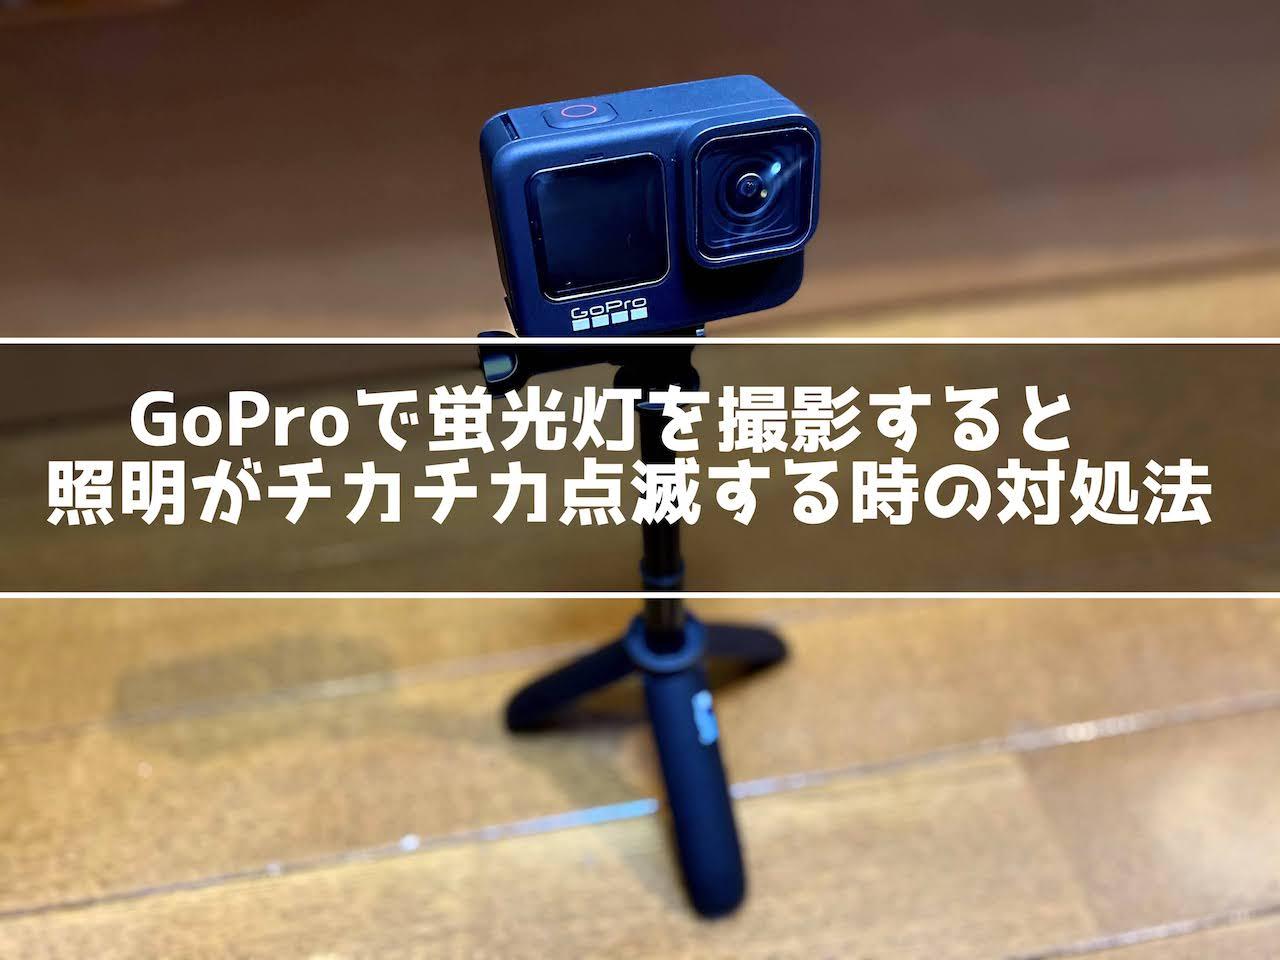 GoProで蛍光灯 チカチカ点滅する